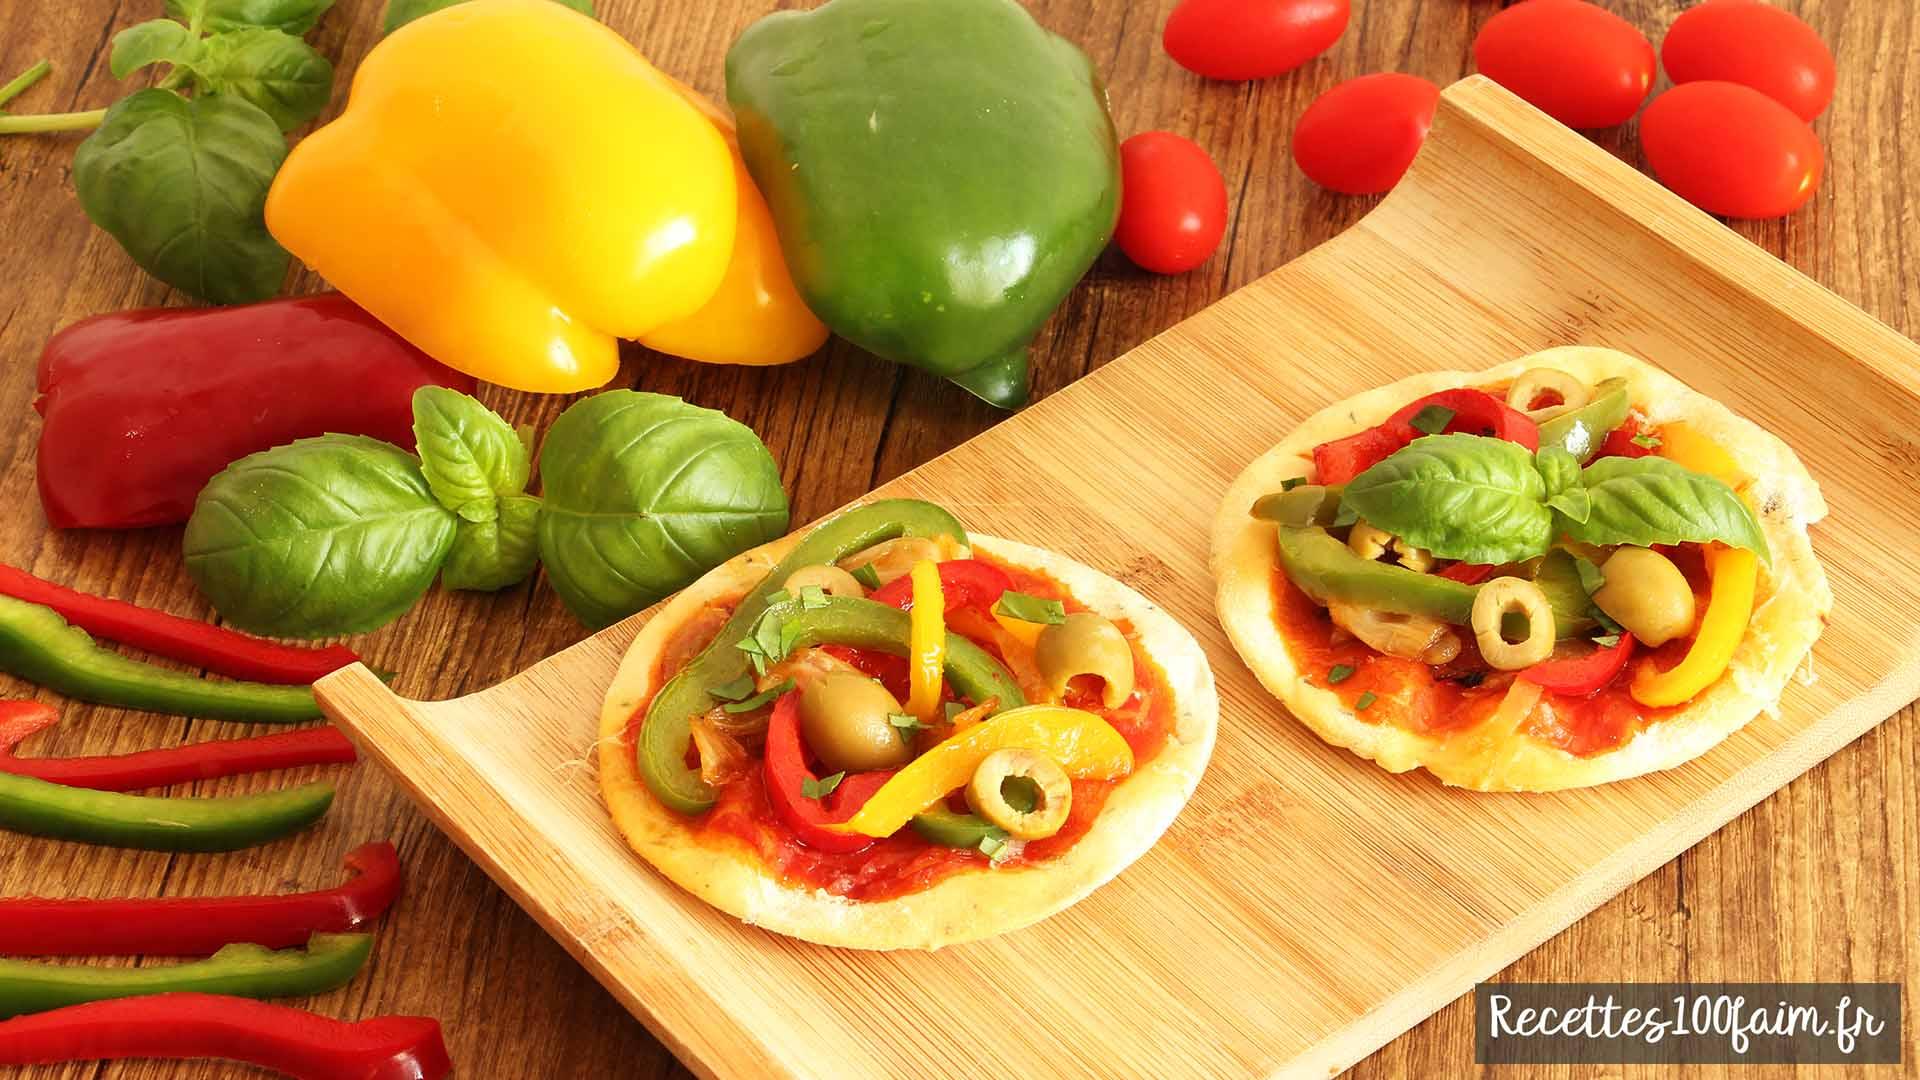 Recette de pizza basquaise tomates poivrons oignons